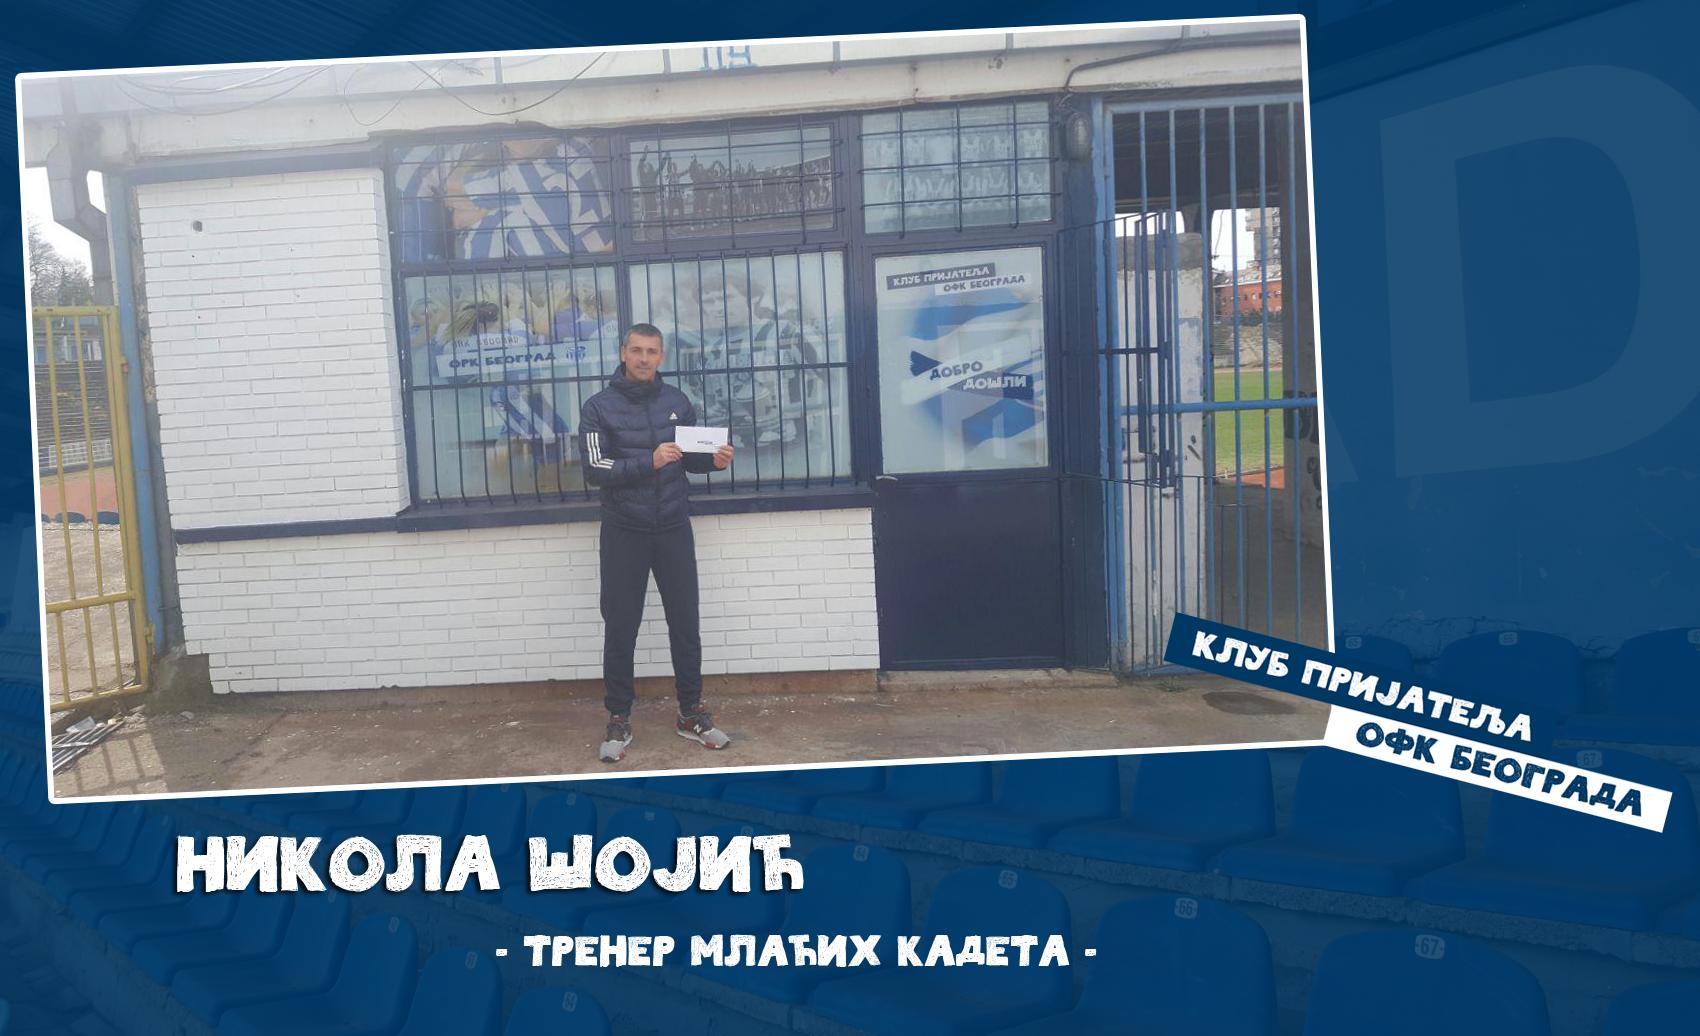 Никола Шојић, тренер у кадетској селекцији, подржао КПО!